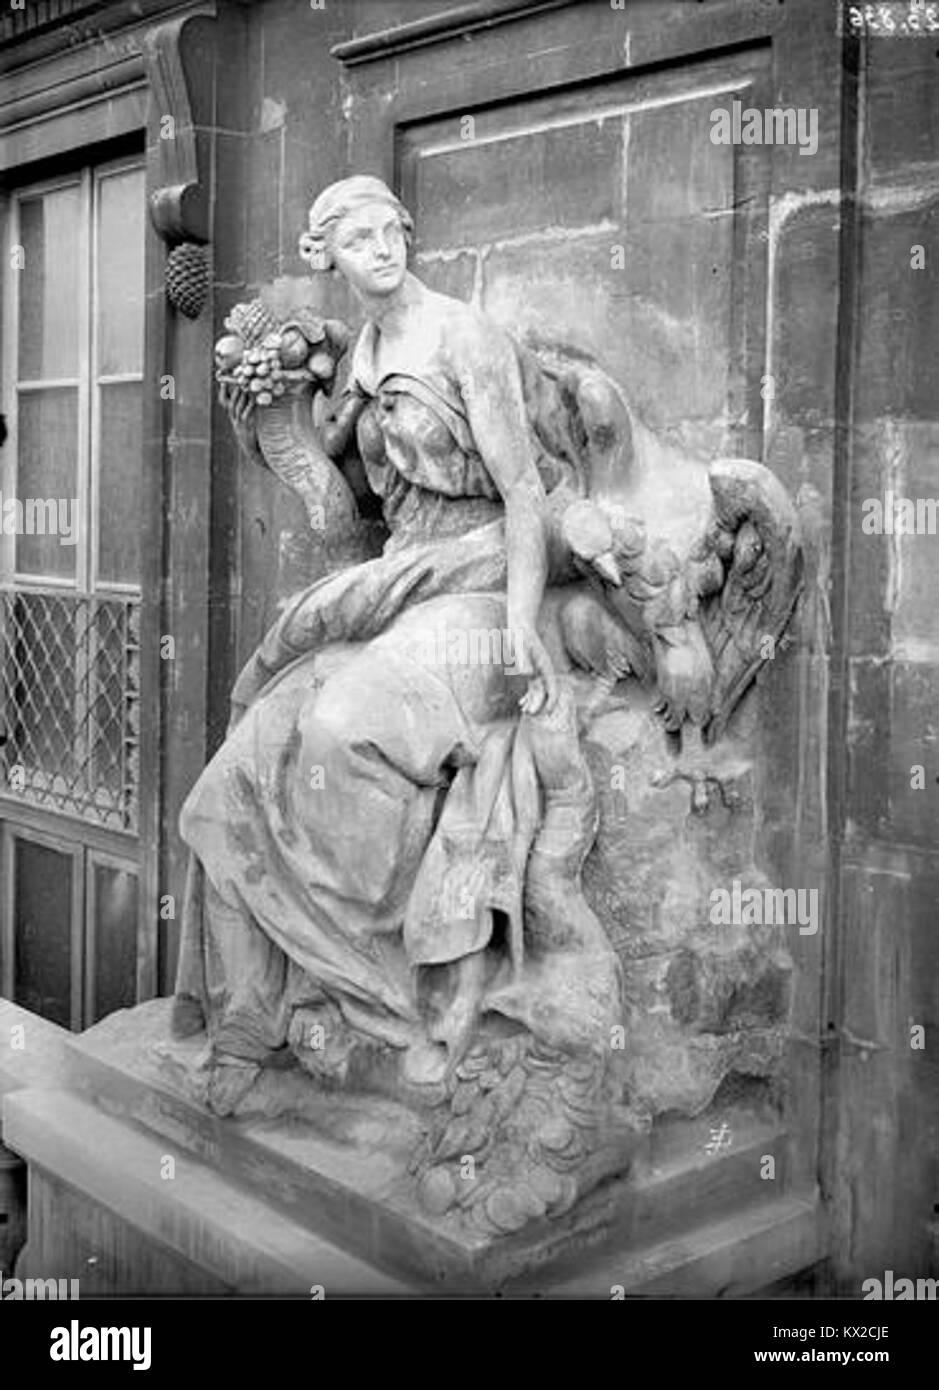 Domaine national du Palais-Royal - Cour d'honneur, façade nord, statue de l'abondance - Paris - Médiathèque - Stock Image